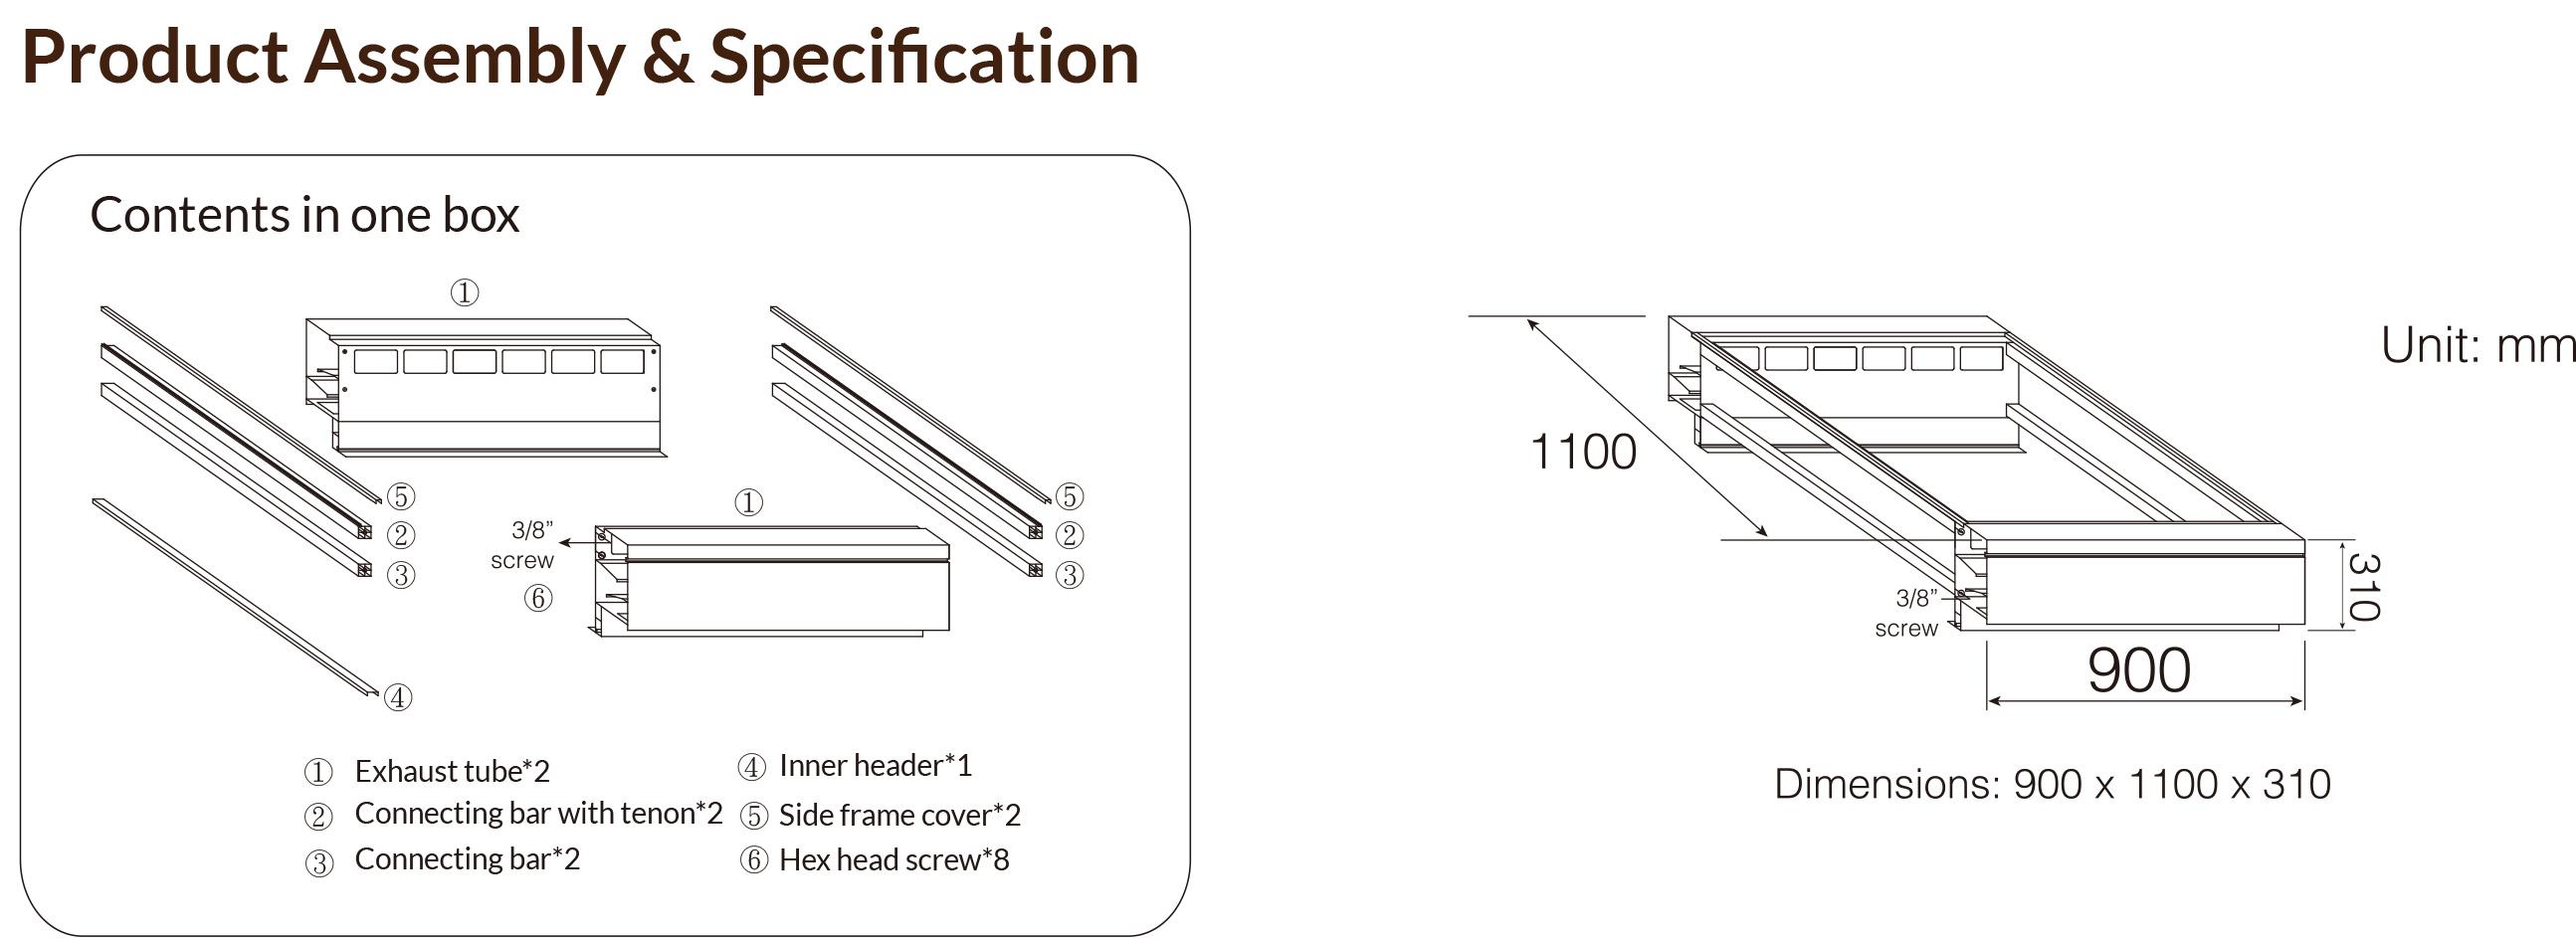 產品規格及組裝圖